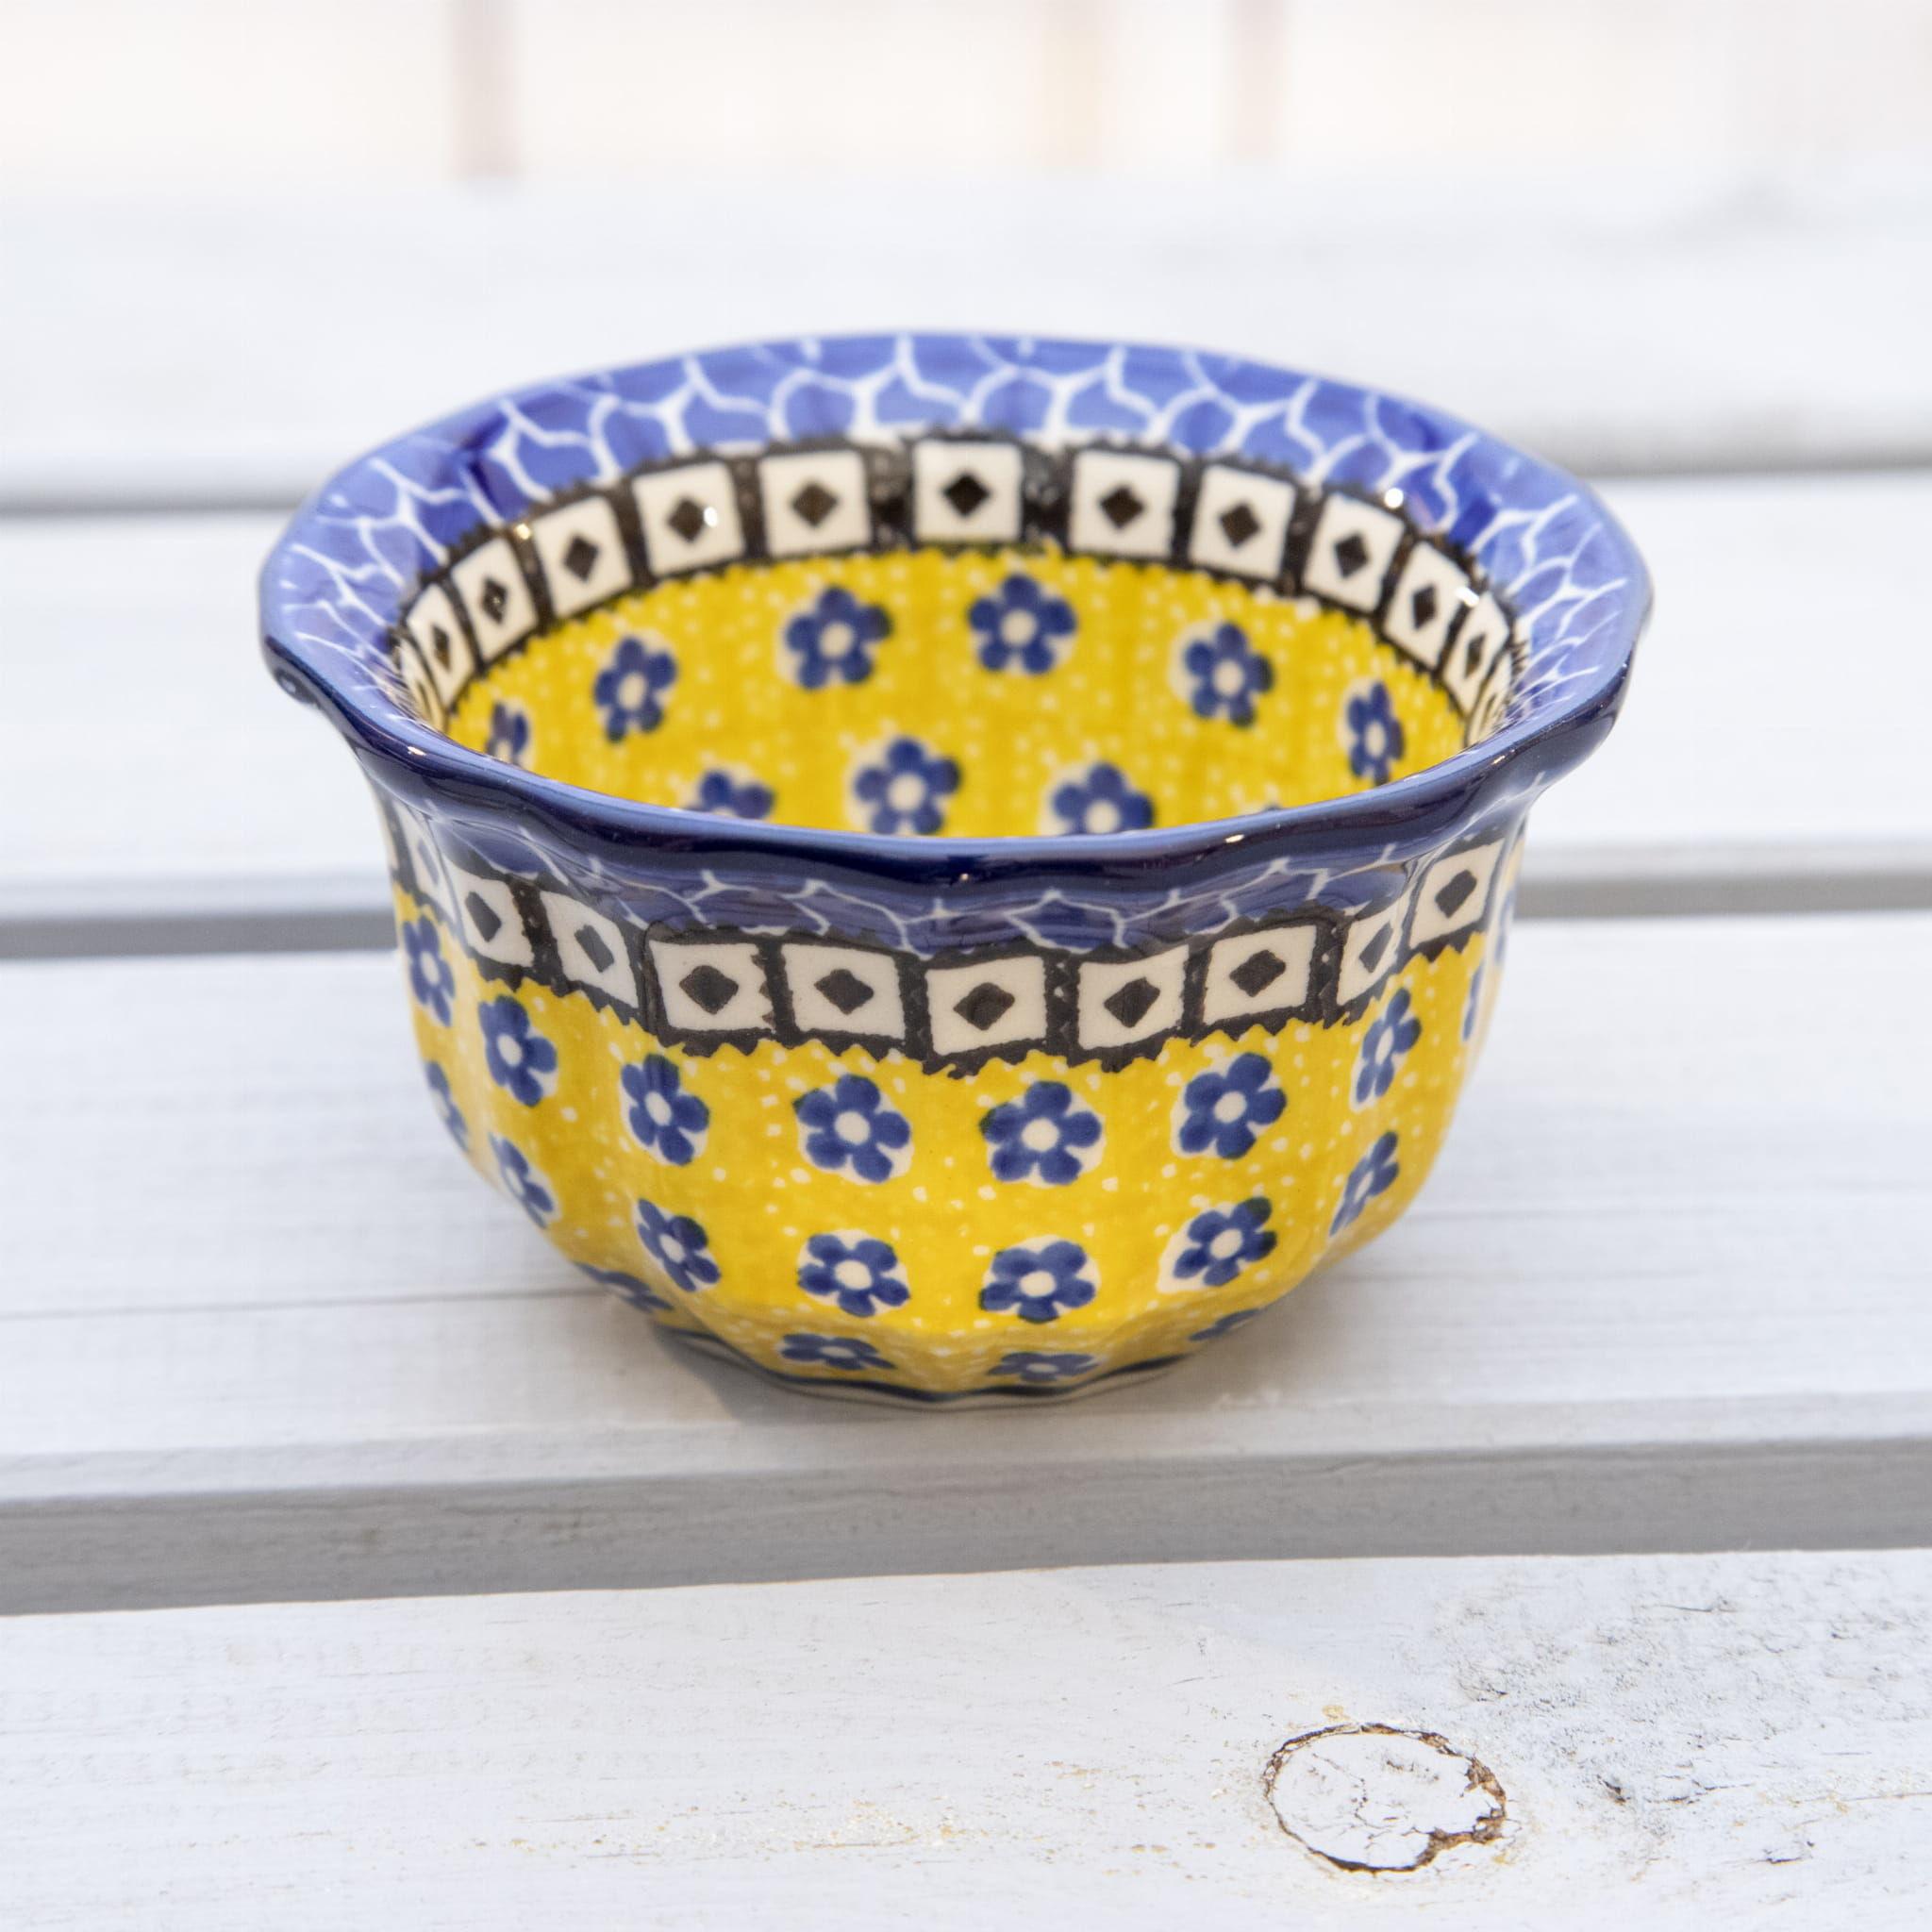 Miseczka 10cm, ceramiczna, Bolesławiec